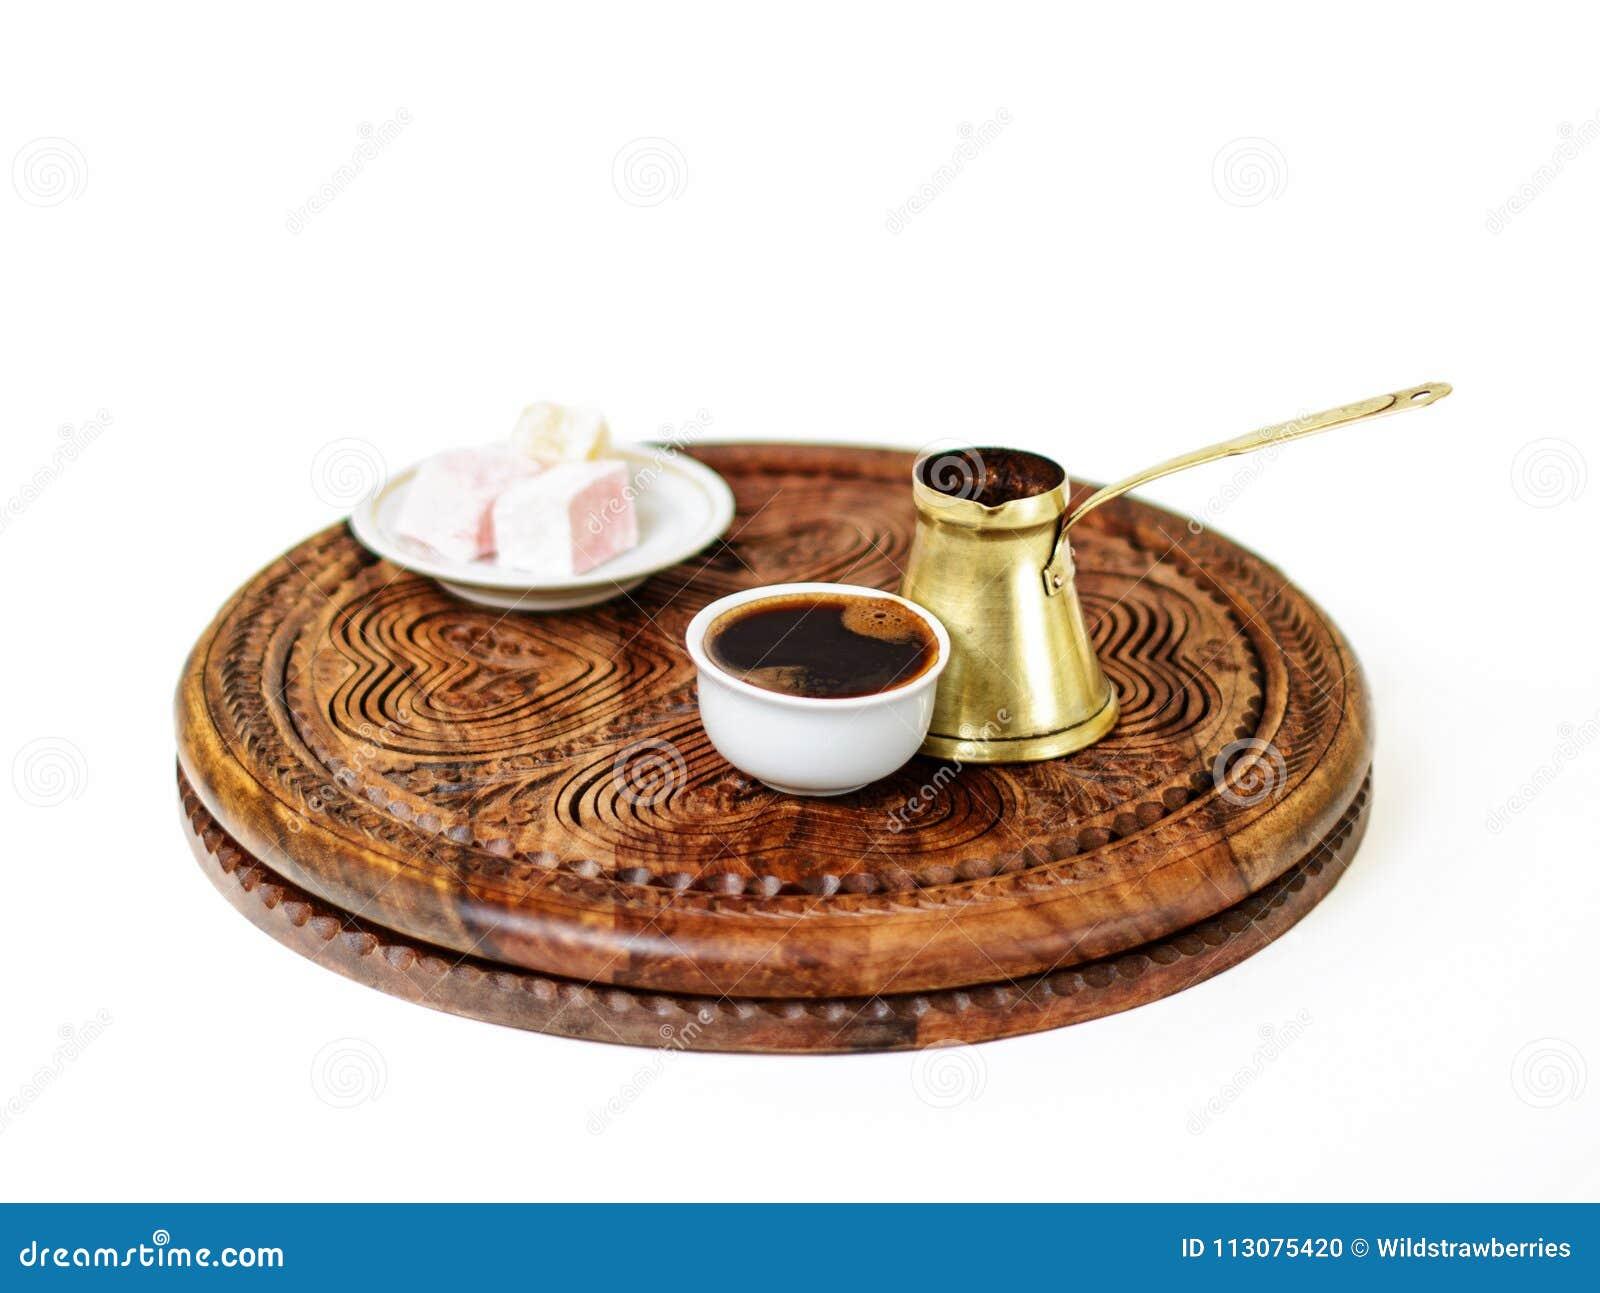 Türkischer Kaffee, fildzan, ibrik und rahat lokum